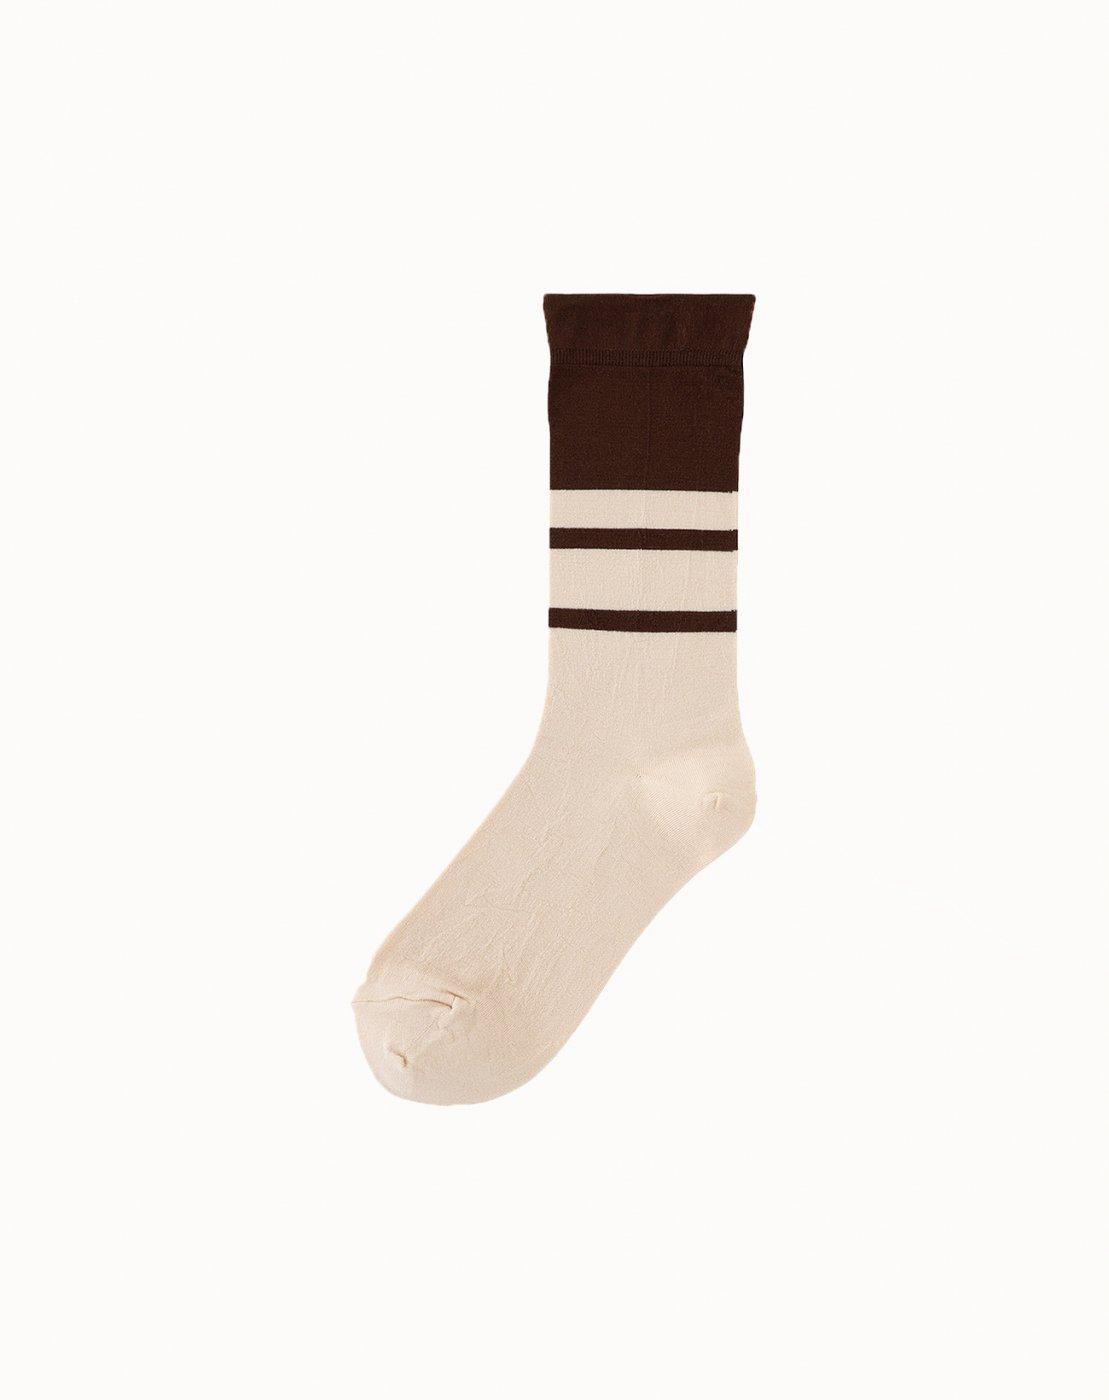 leur logette - Bicolor Socks - Off White